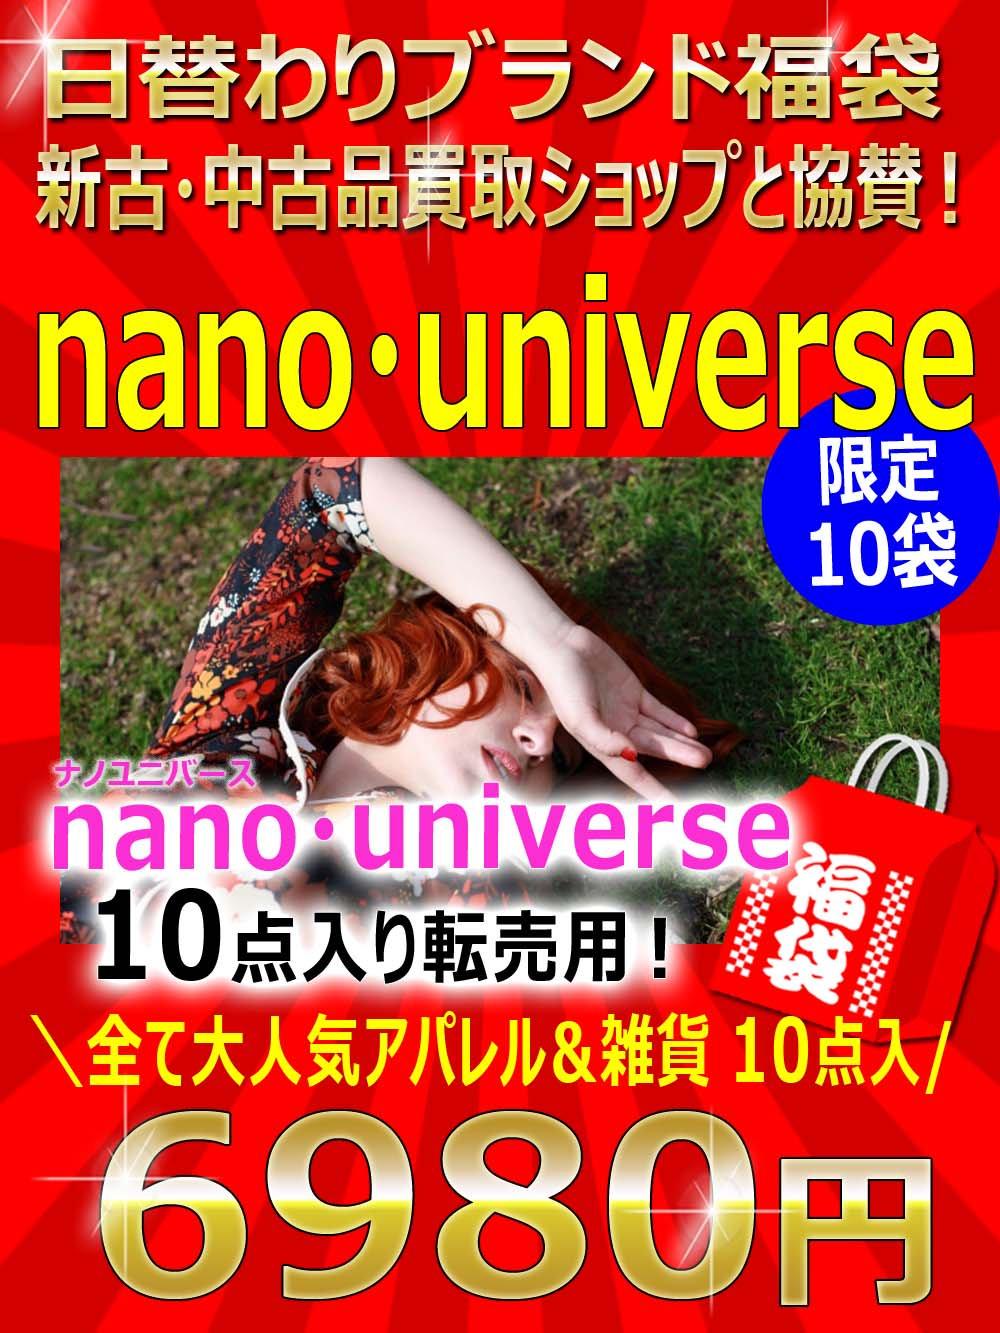 """限定18袋!日替わりブランド福袋!新古・中古ショップ協賛 """"nano・universe""""【10点】4980円"""